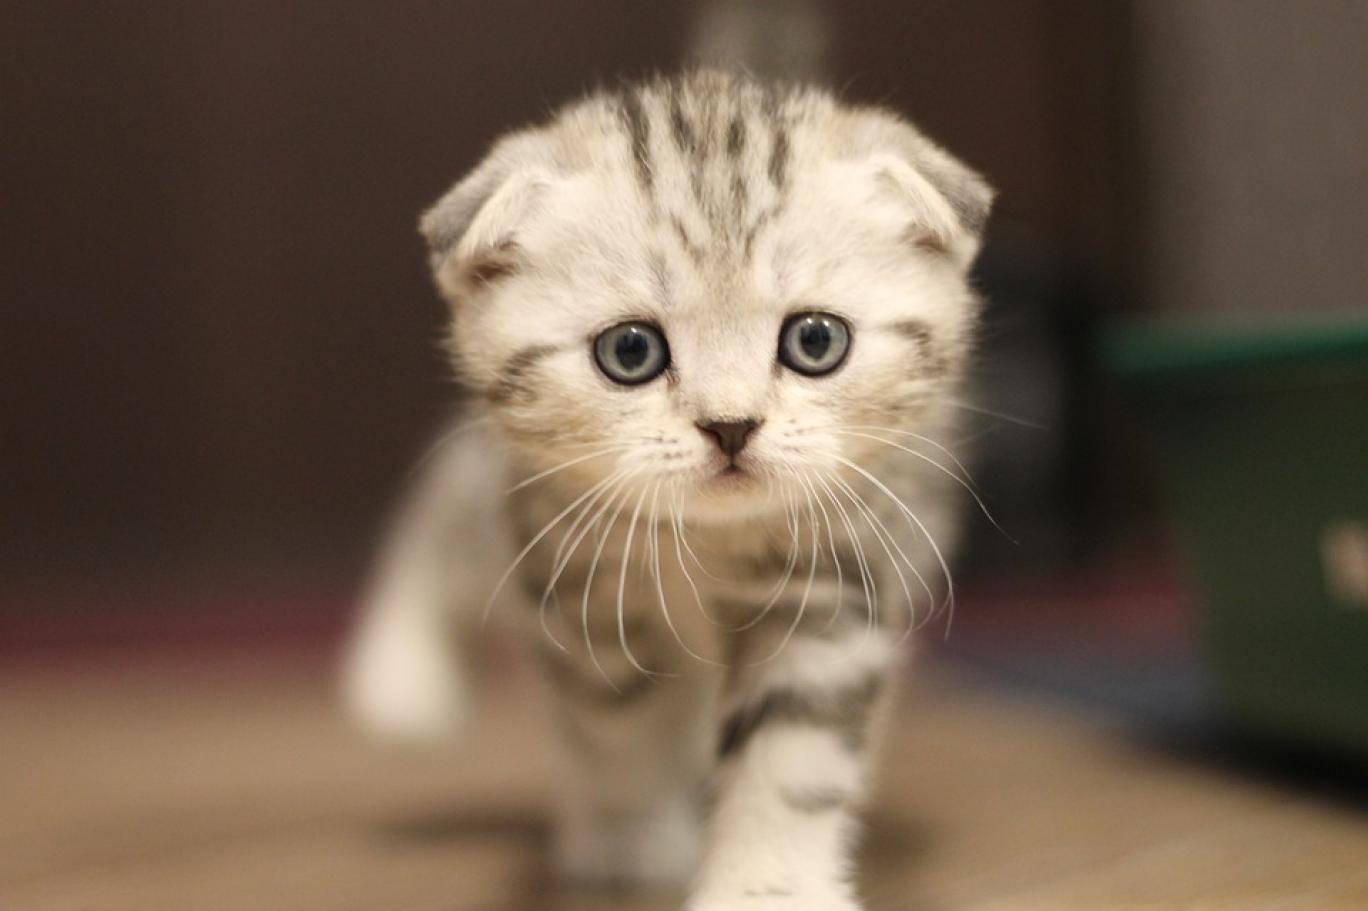 Yeni araştırmaya göre yumuk yüzlü cins kediler duygularını ifade edemiyor   Independent Türkçe